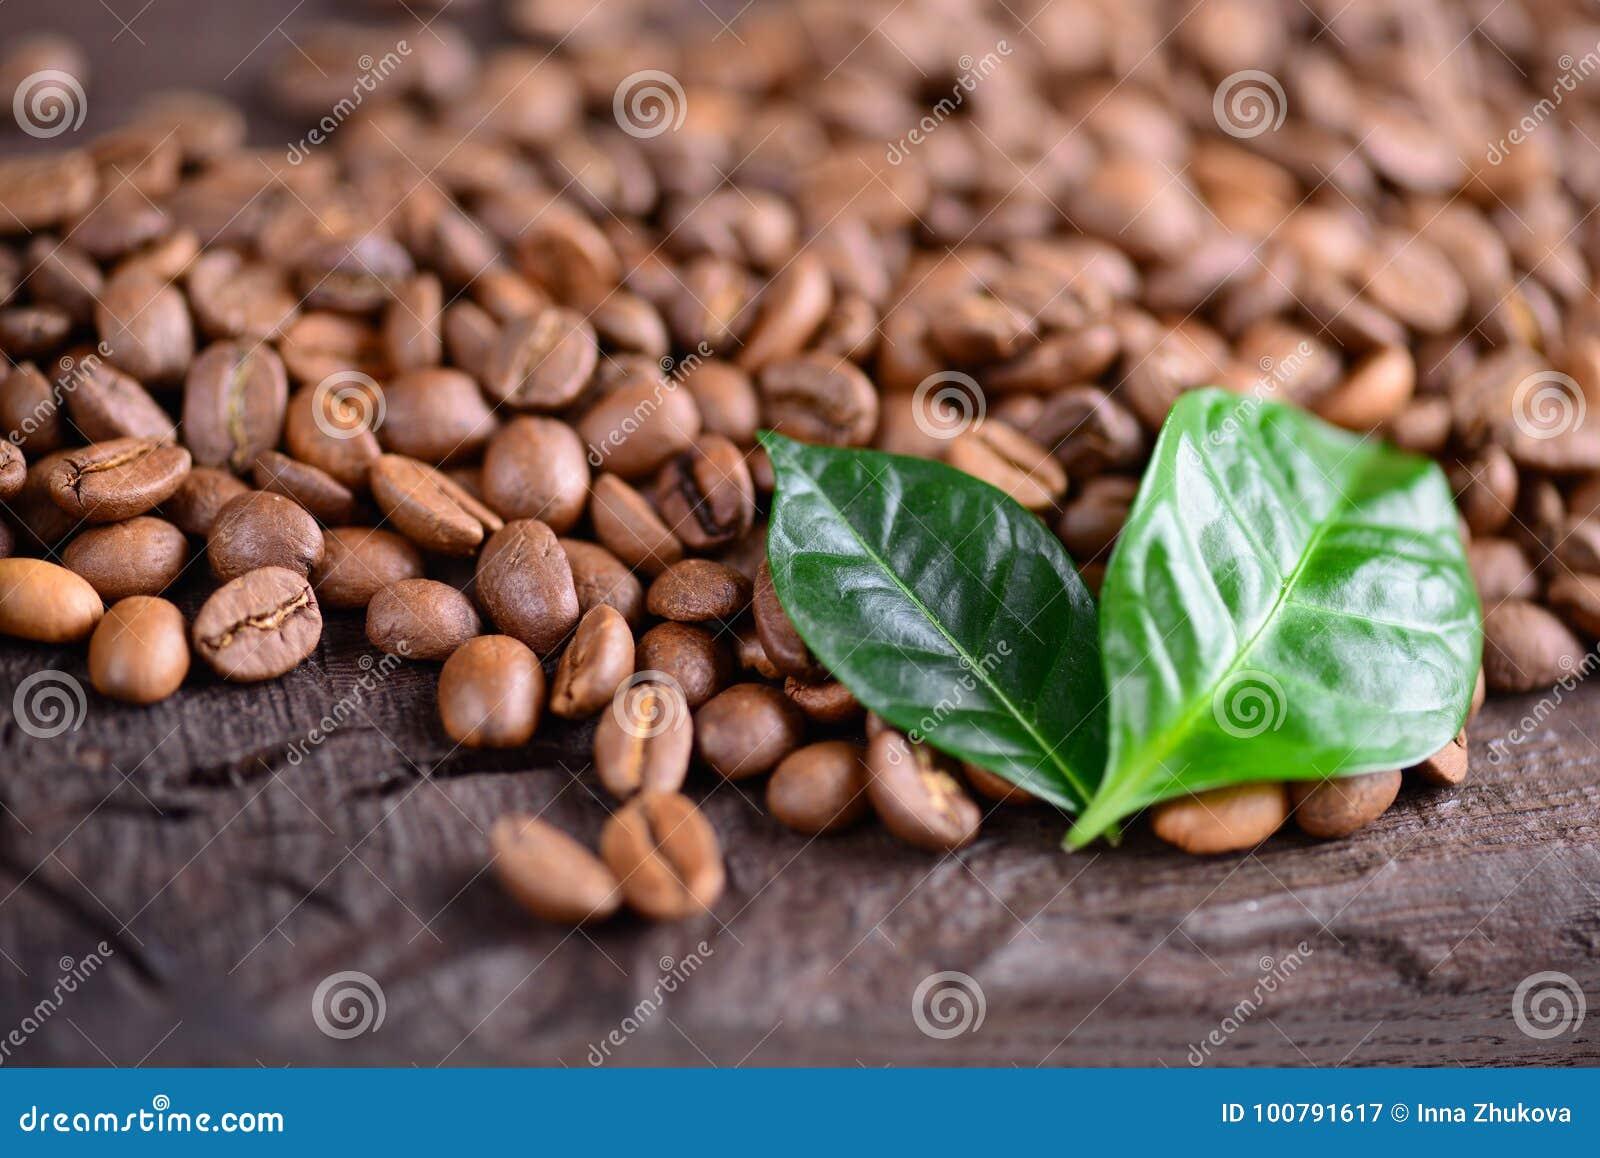 Grains de café et feuilles vertes d usine de café sur un vieux